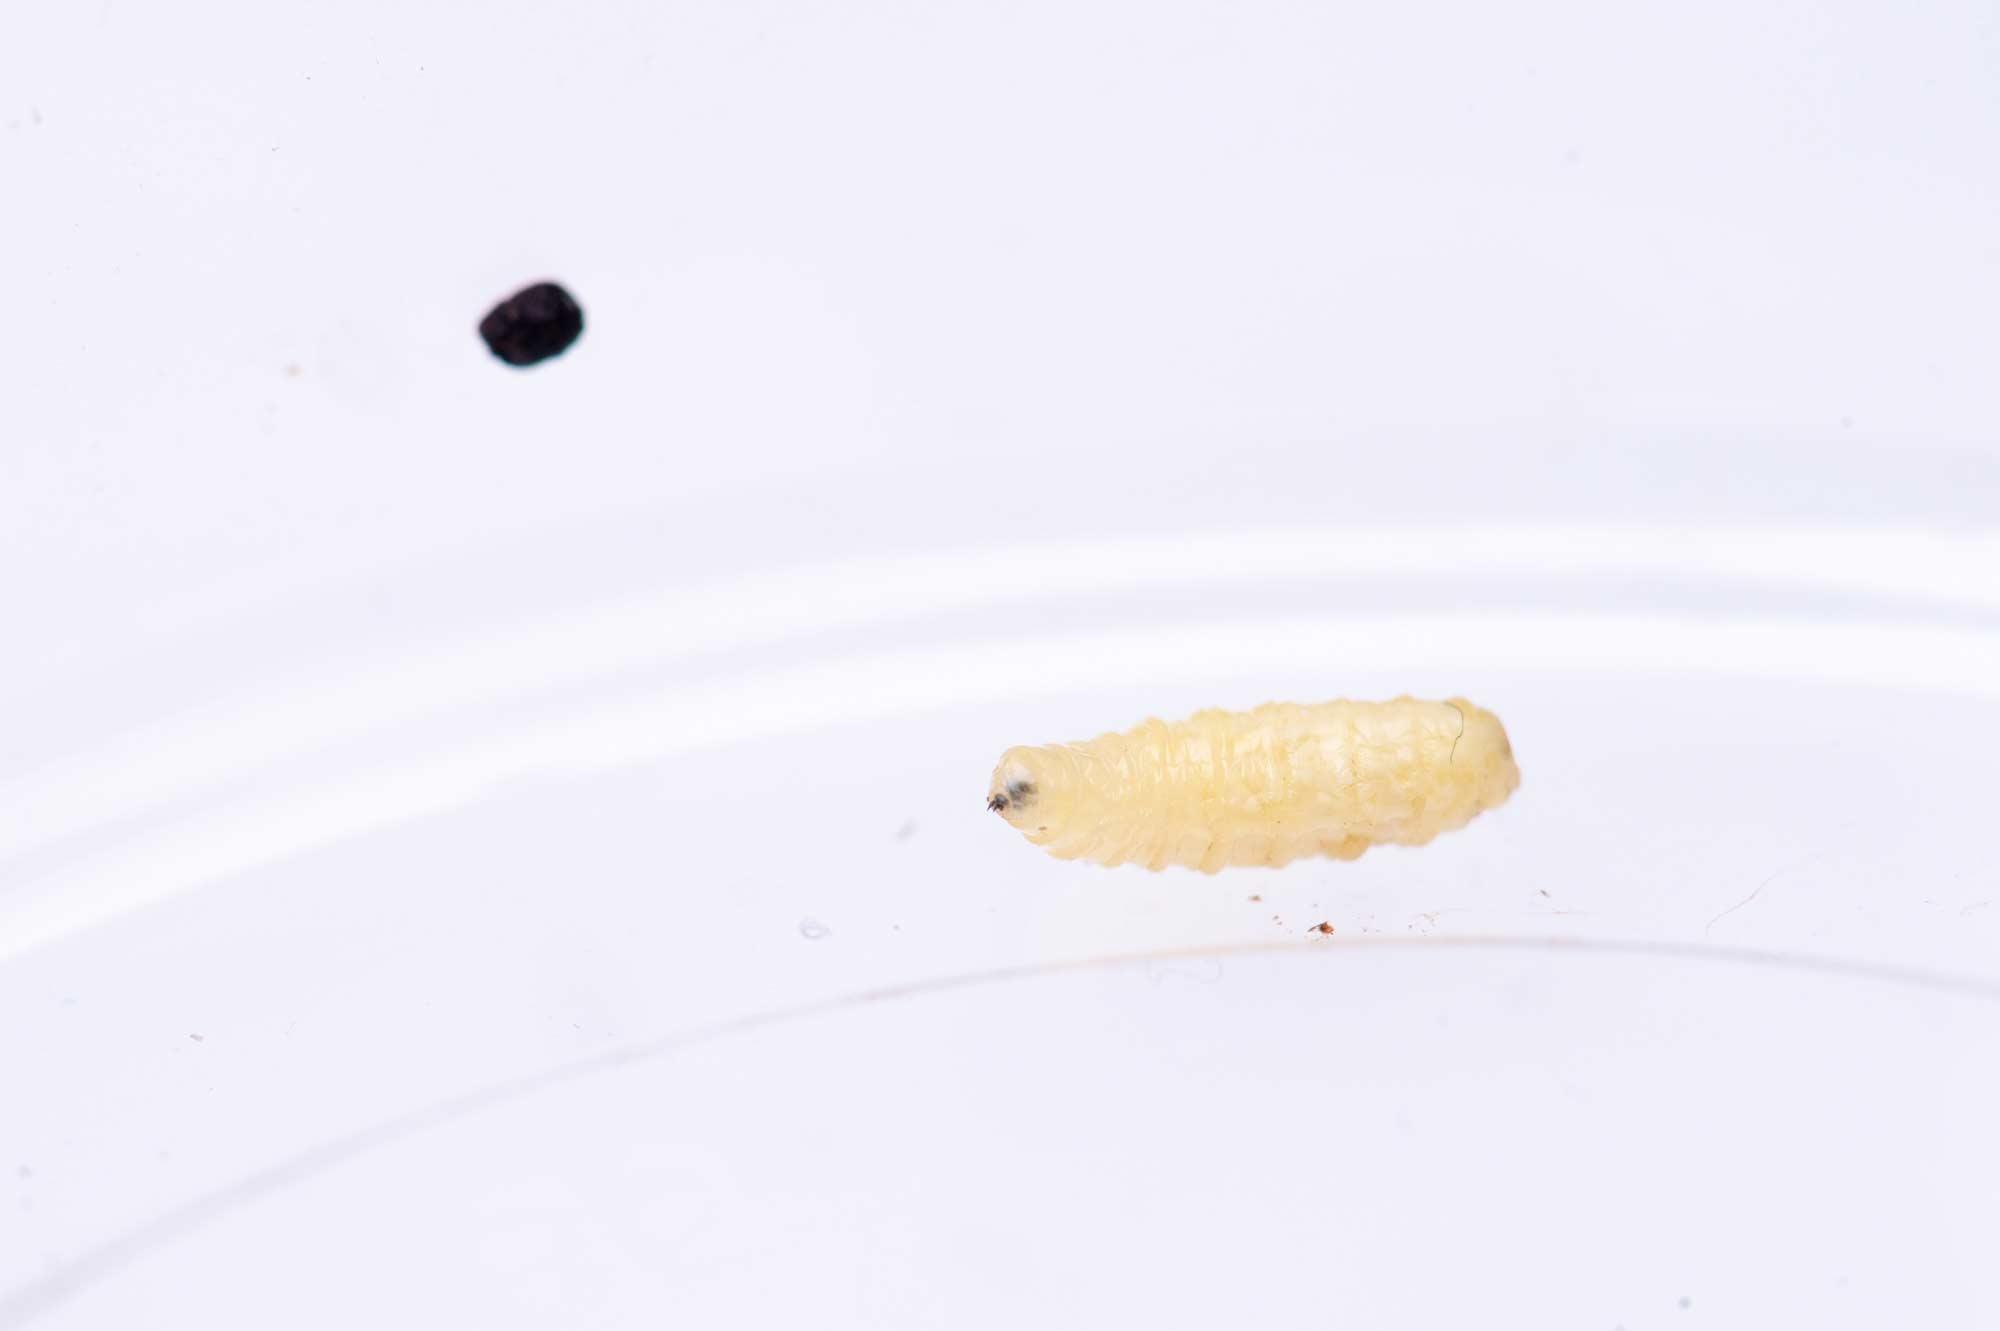 イモムシの飼育の写真 寄生蝿